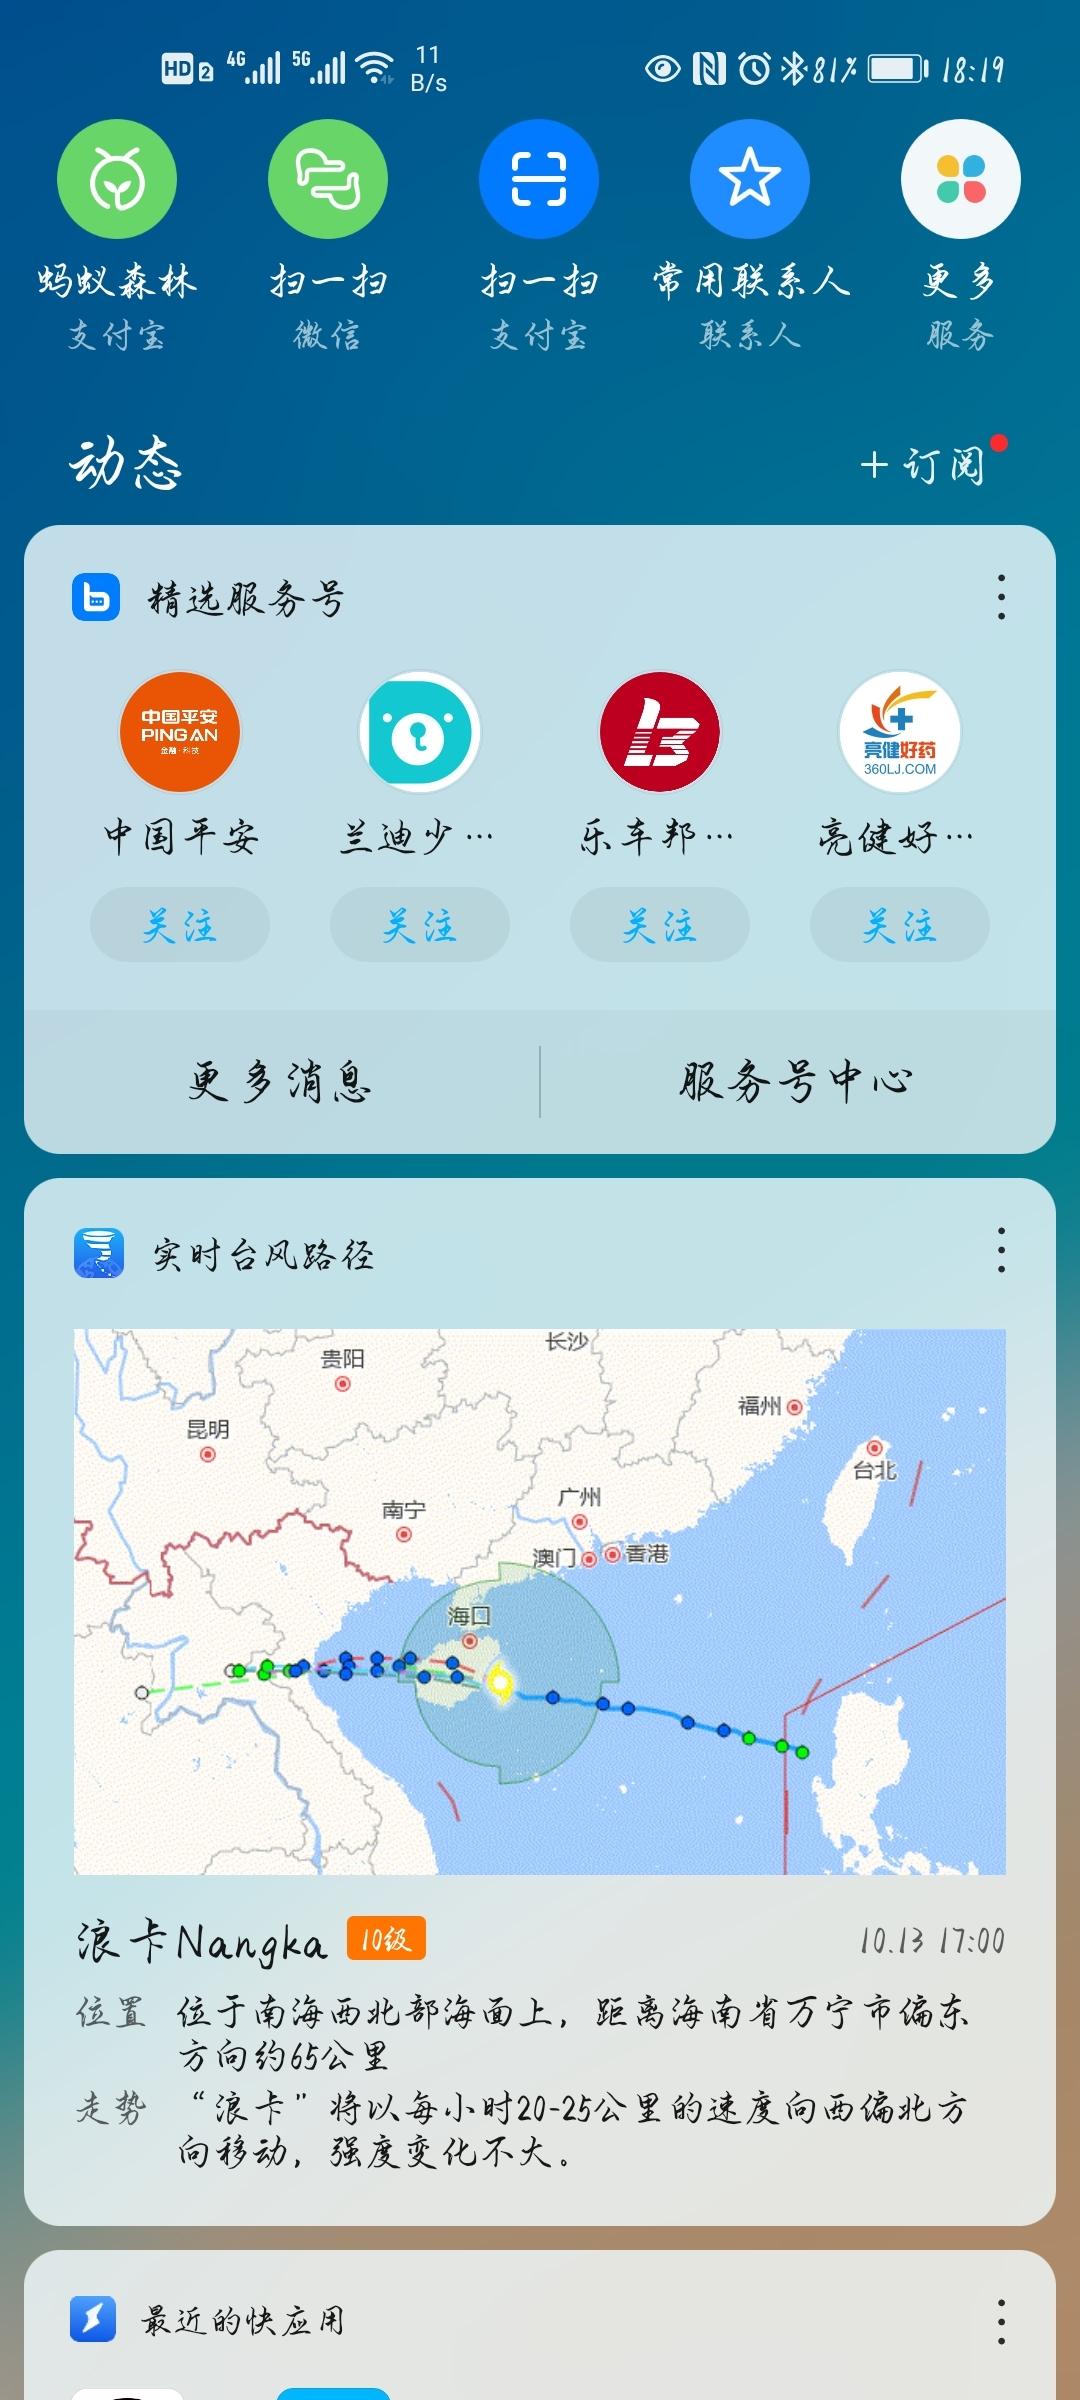 Screenshot_20201013_181930_com.huawei.android.launcher.jpg